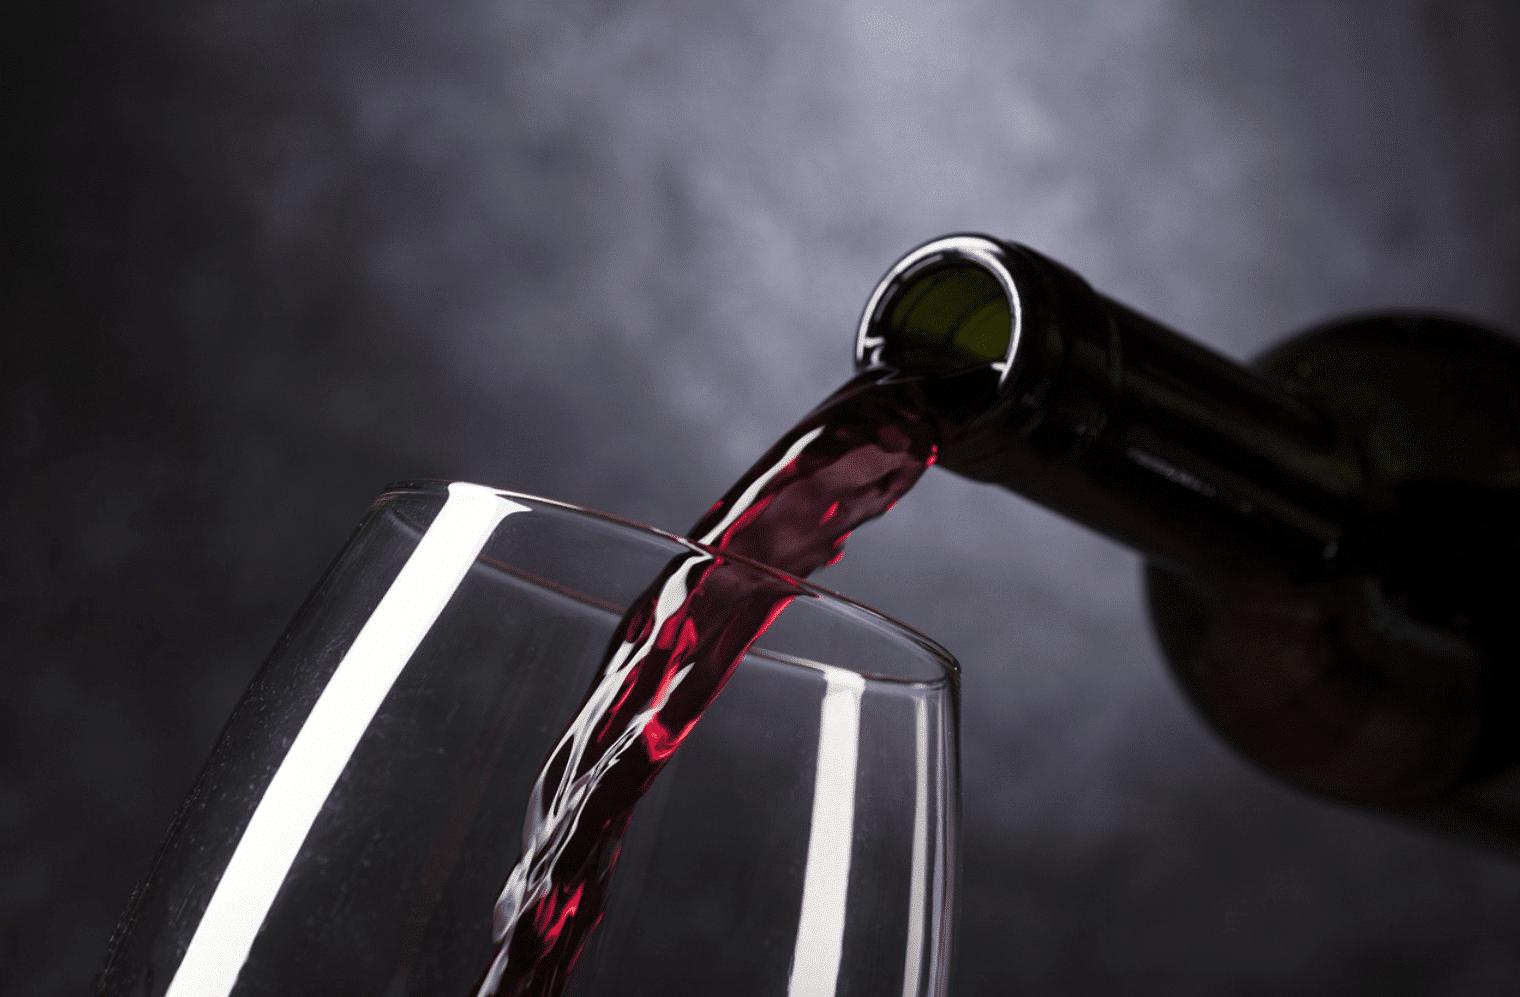 Dramat w Wielkiej Brytanii! 27-latka piła alkohol na pusty żołądek i zmarła!